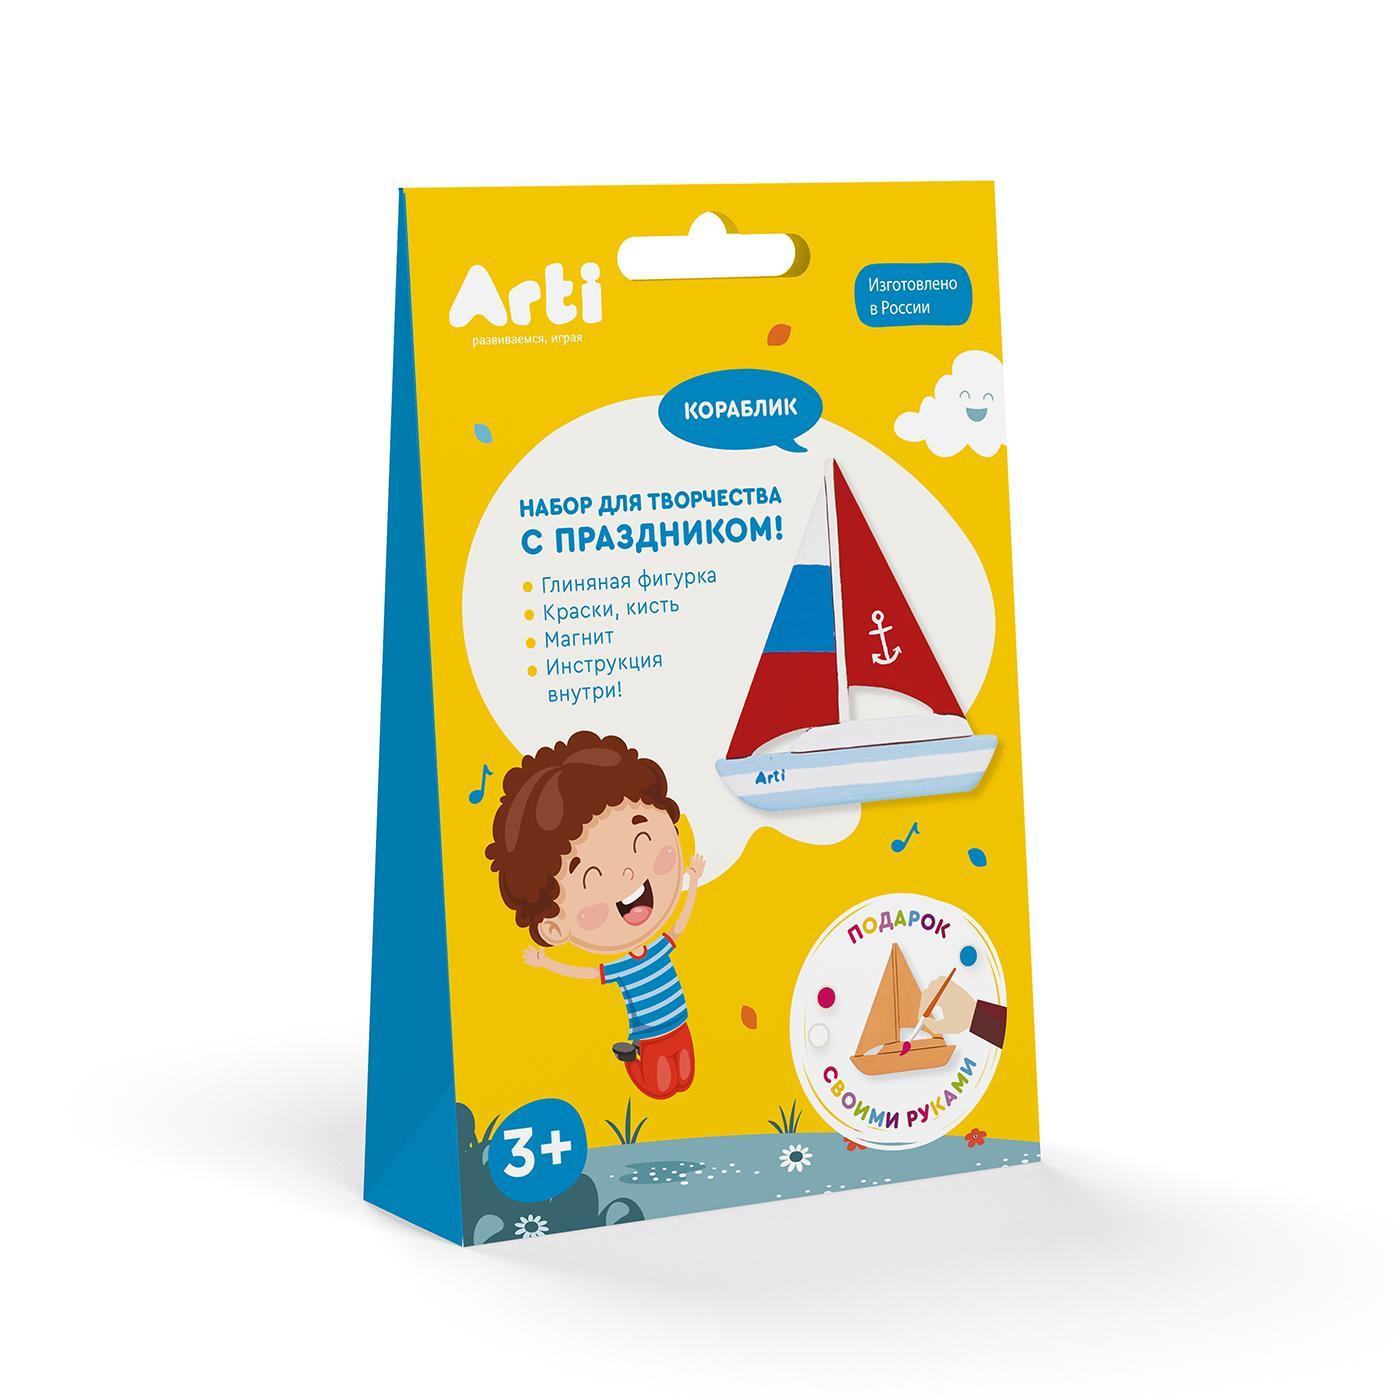 Купить Arti Набор для раскрашивания С праздником! Кораблик , Россия